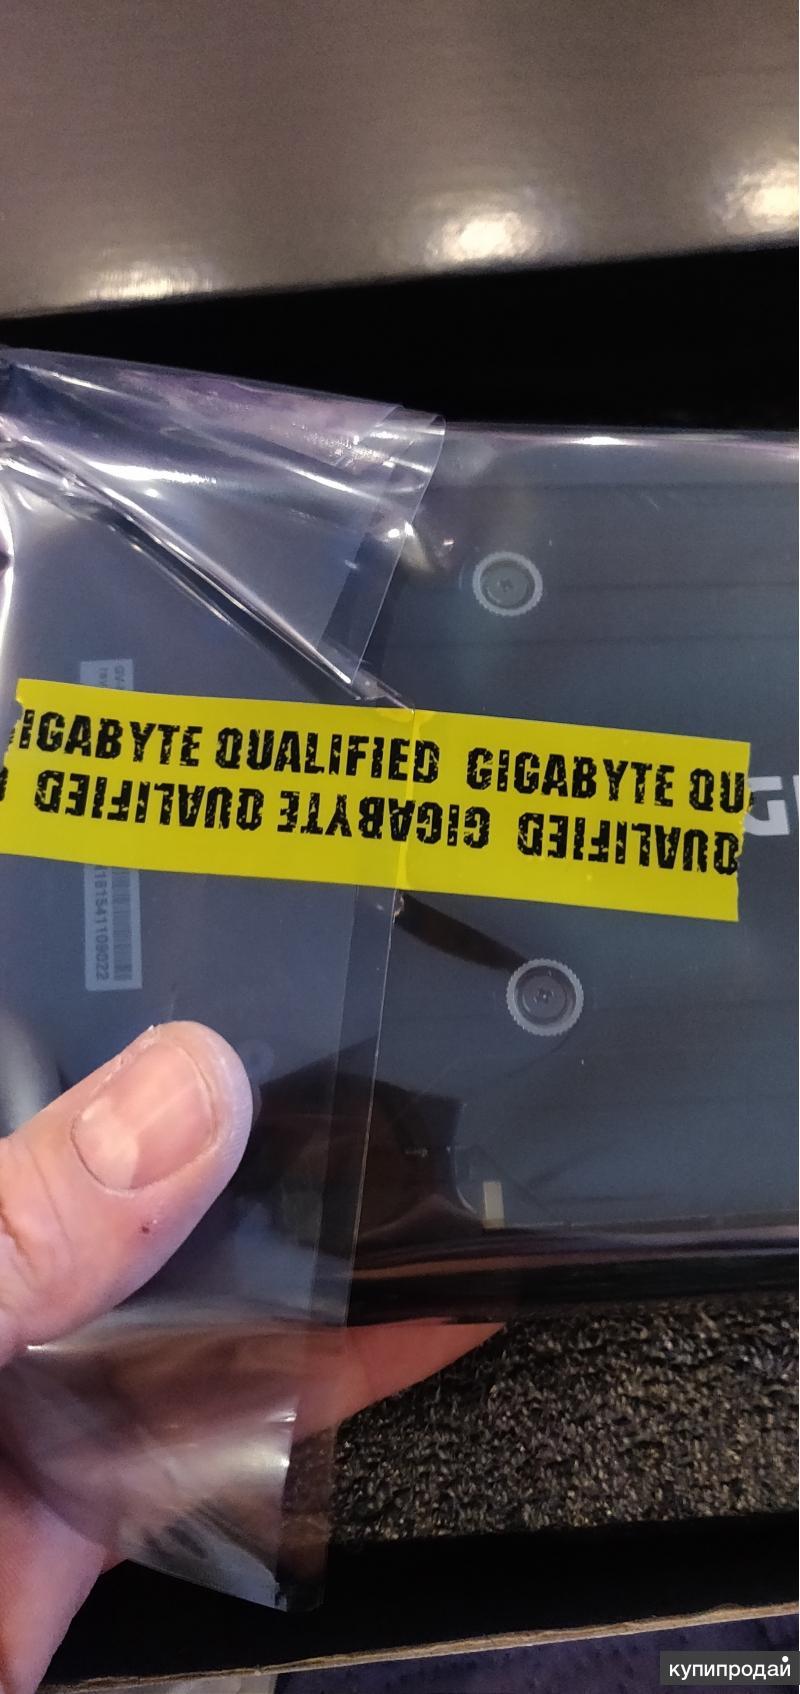 Абсолютно новая gigabyte gtx 1080 g1 gaming